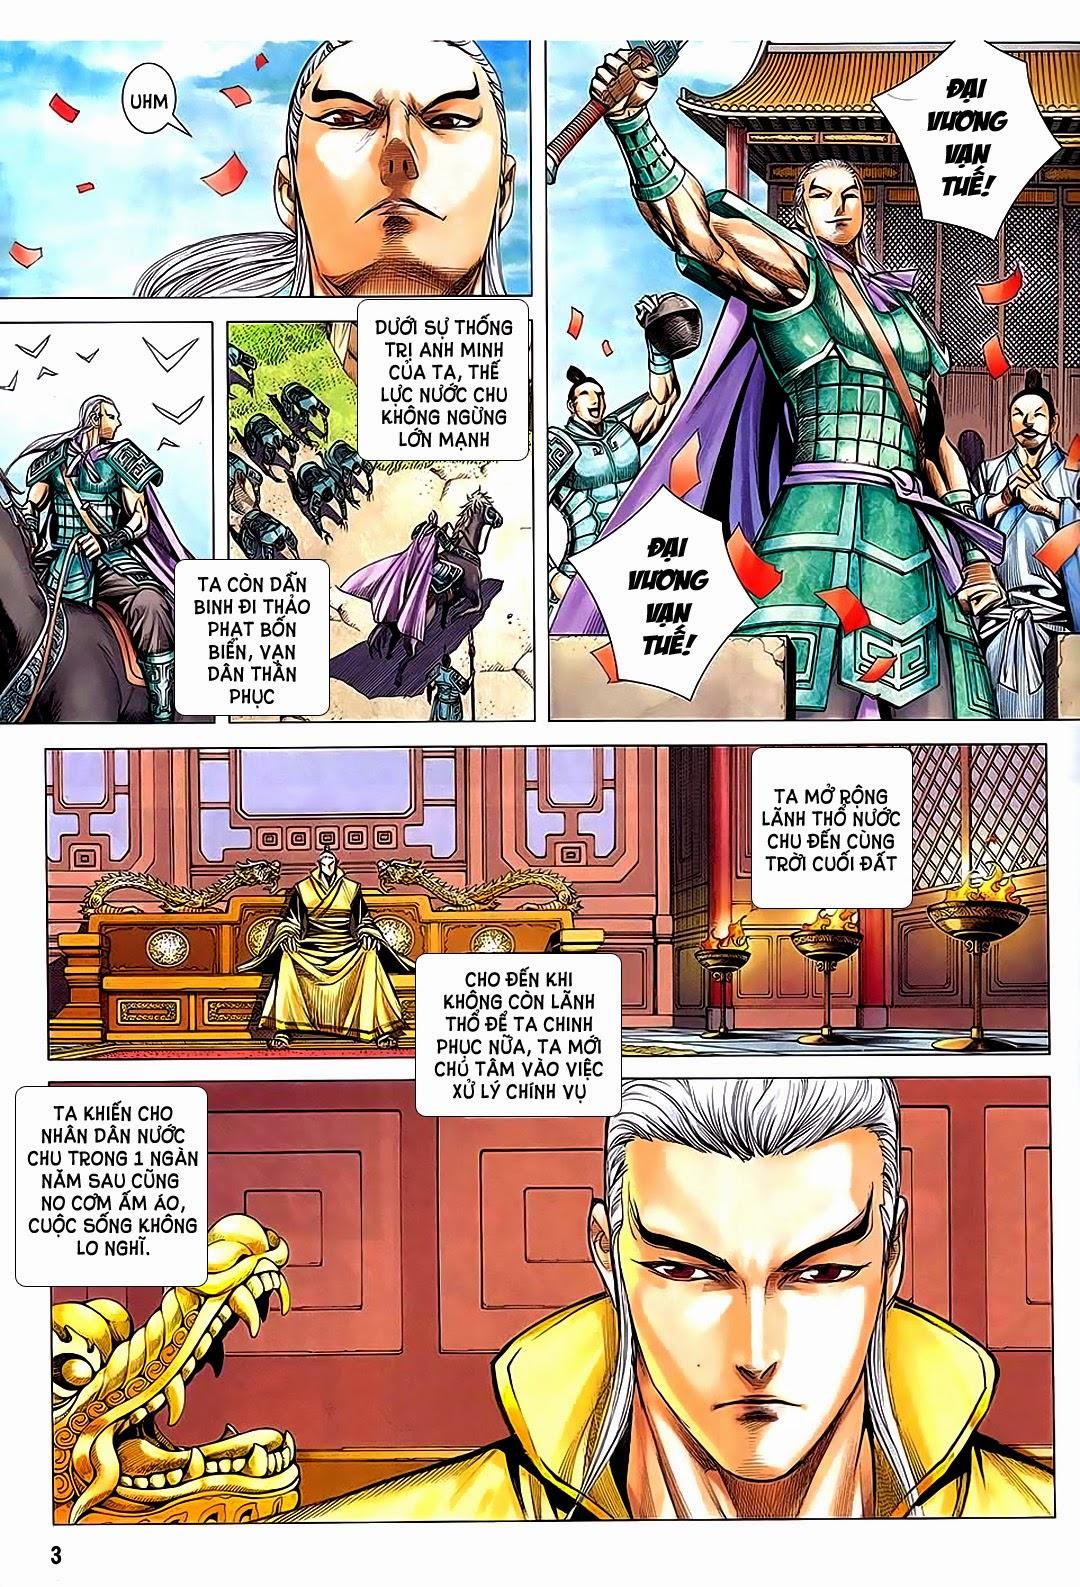 Phong Thần Ký Chap 182 - Trang 3